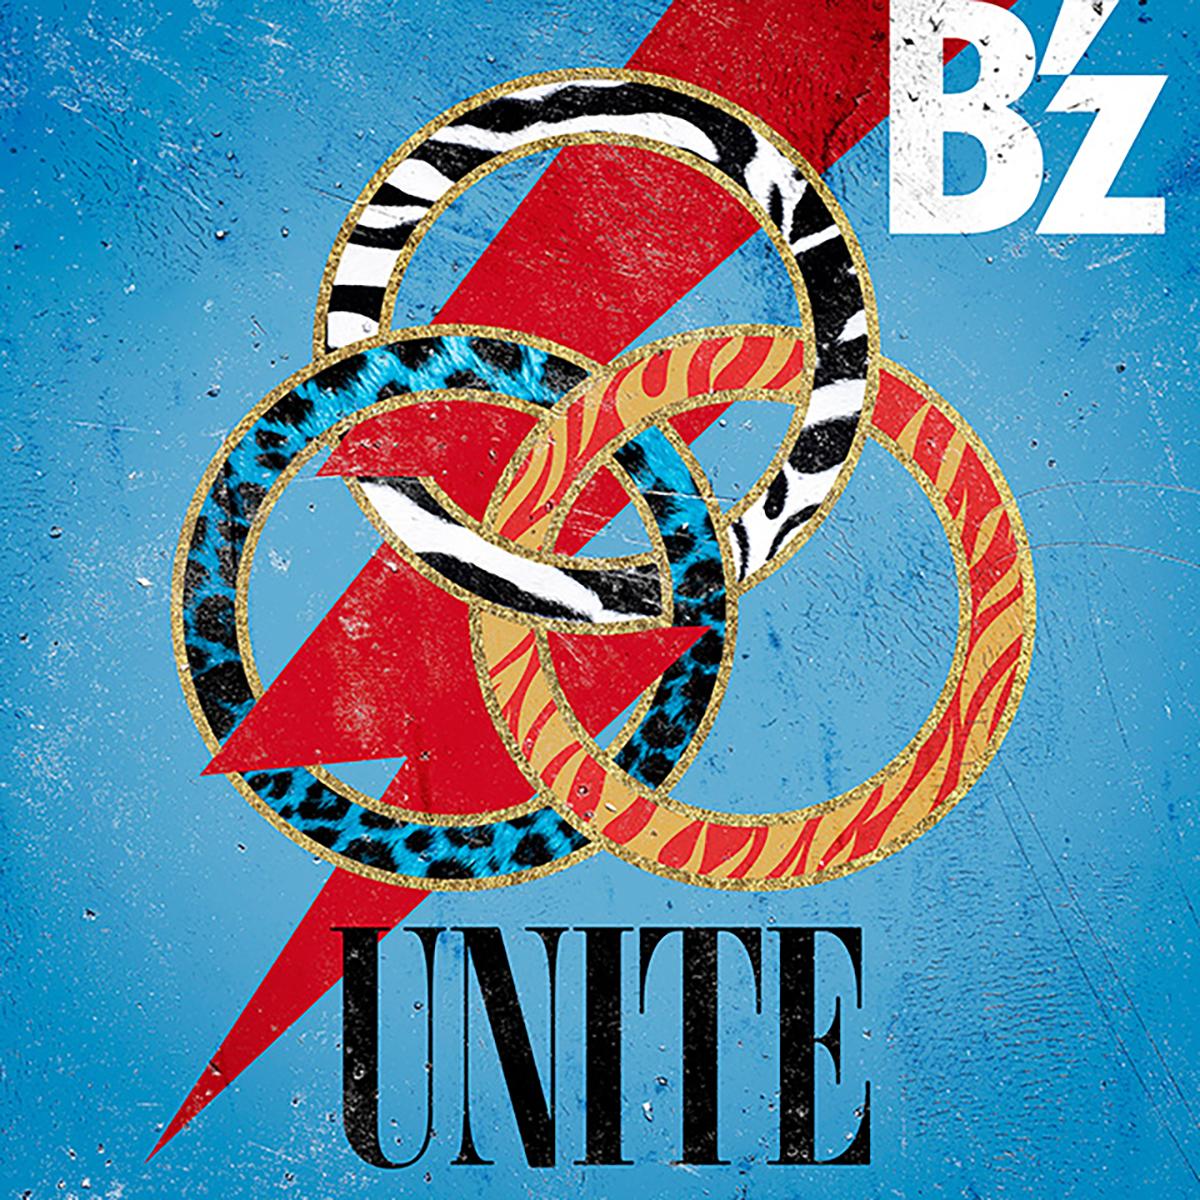 B'z「UNITE」のジャケット画像